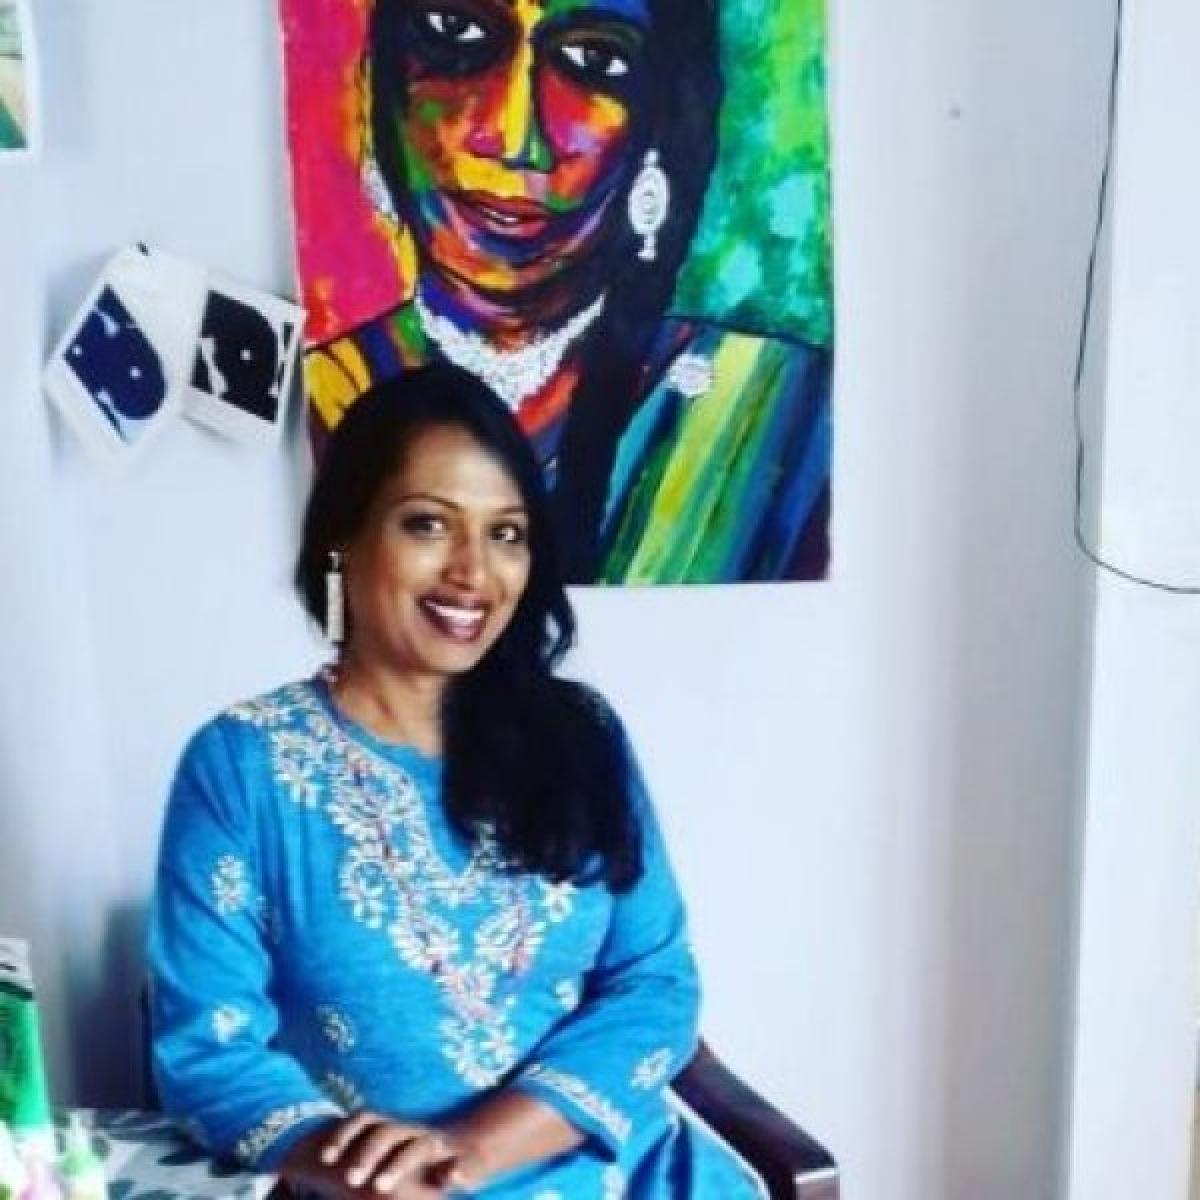 `பப்பி லவ், டான்ஸ் லவ், சீரியஸ் லவ்'...  திருநங்கை கல்கியின் ஆட்டோகிராப்! #Transgender